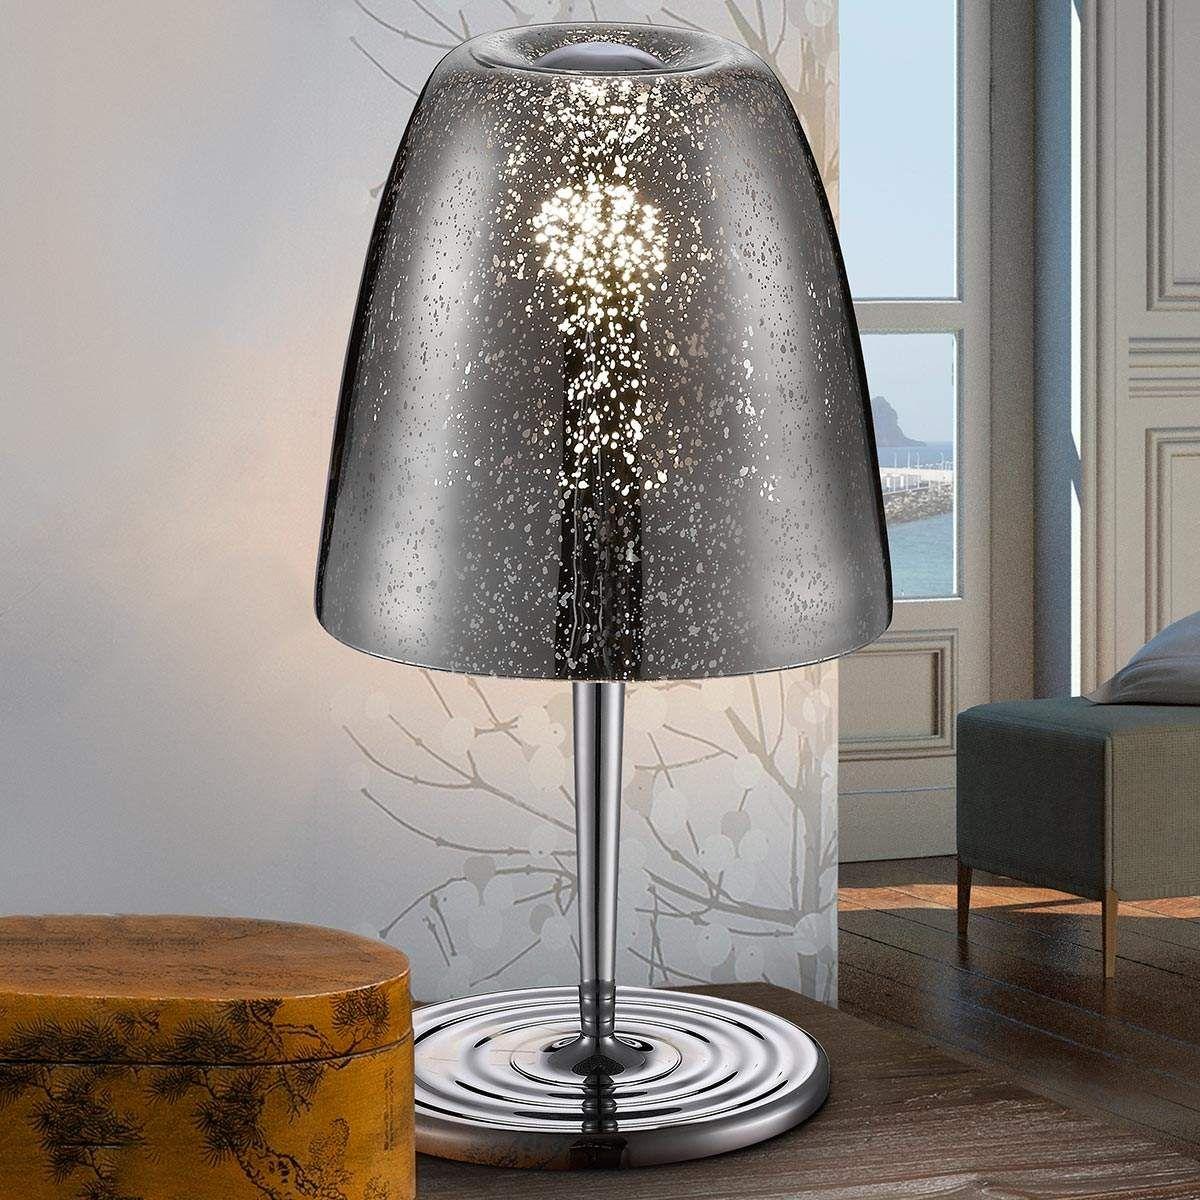 2x Dimmbare LED Tischleuchte mit Glasschirm in weiss Fuss in Nickel MATT TOUCH